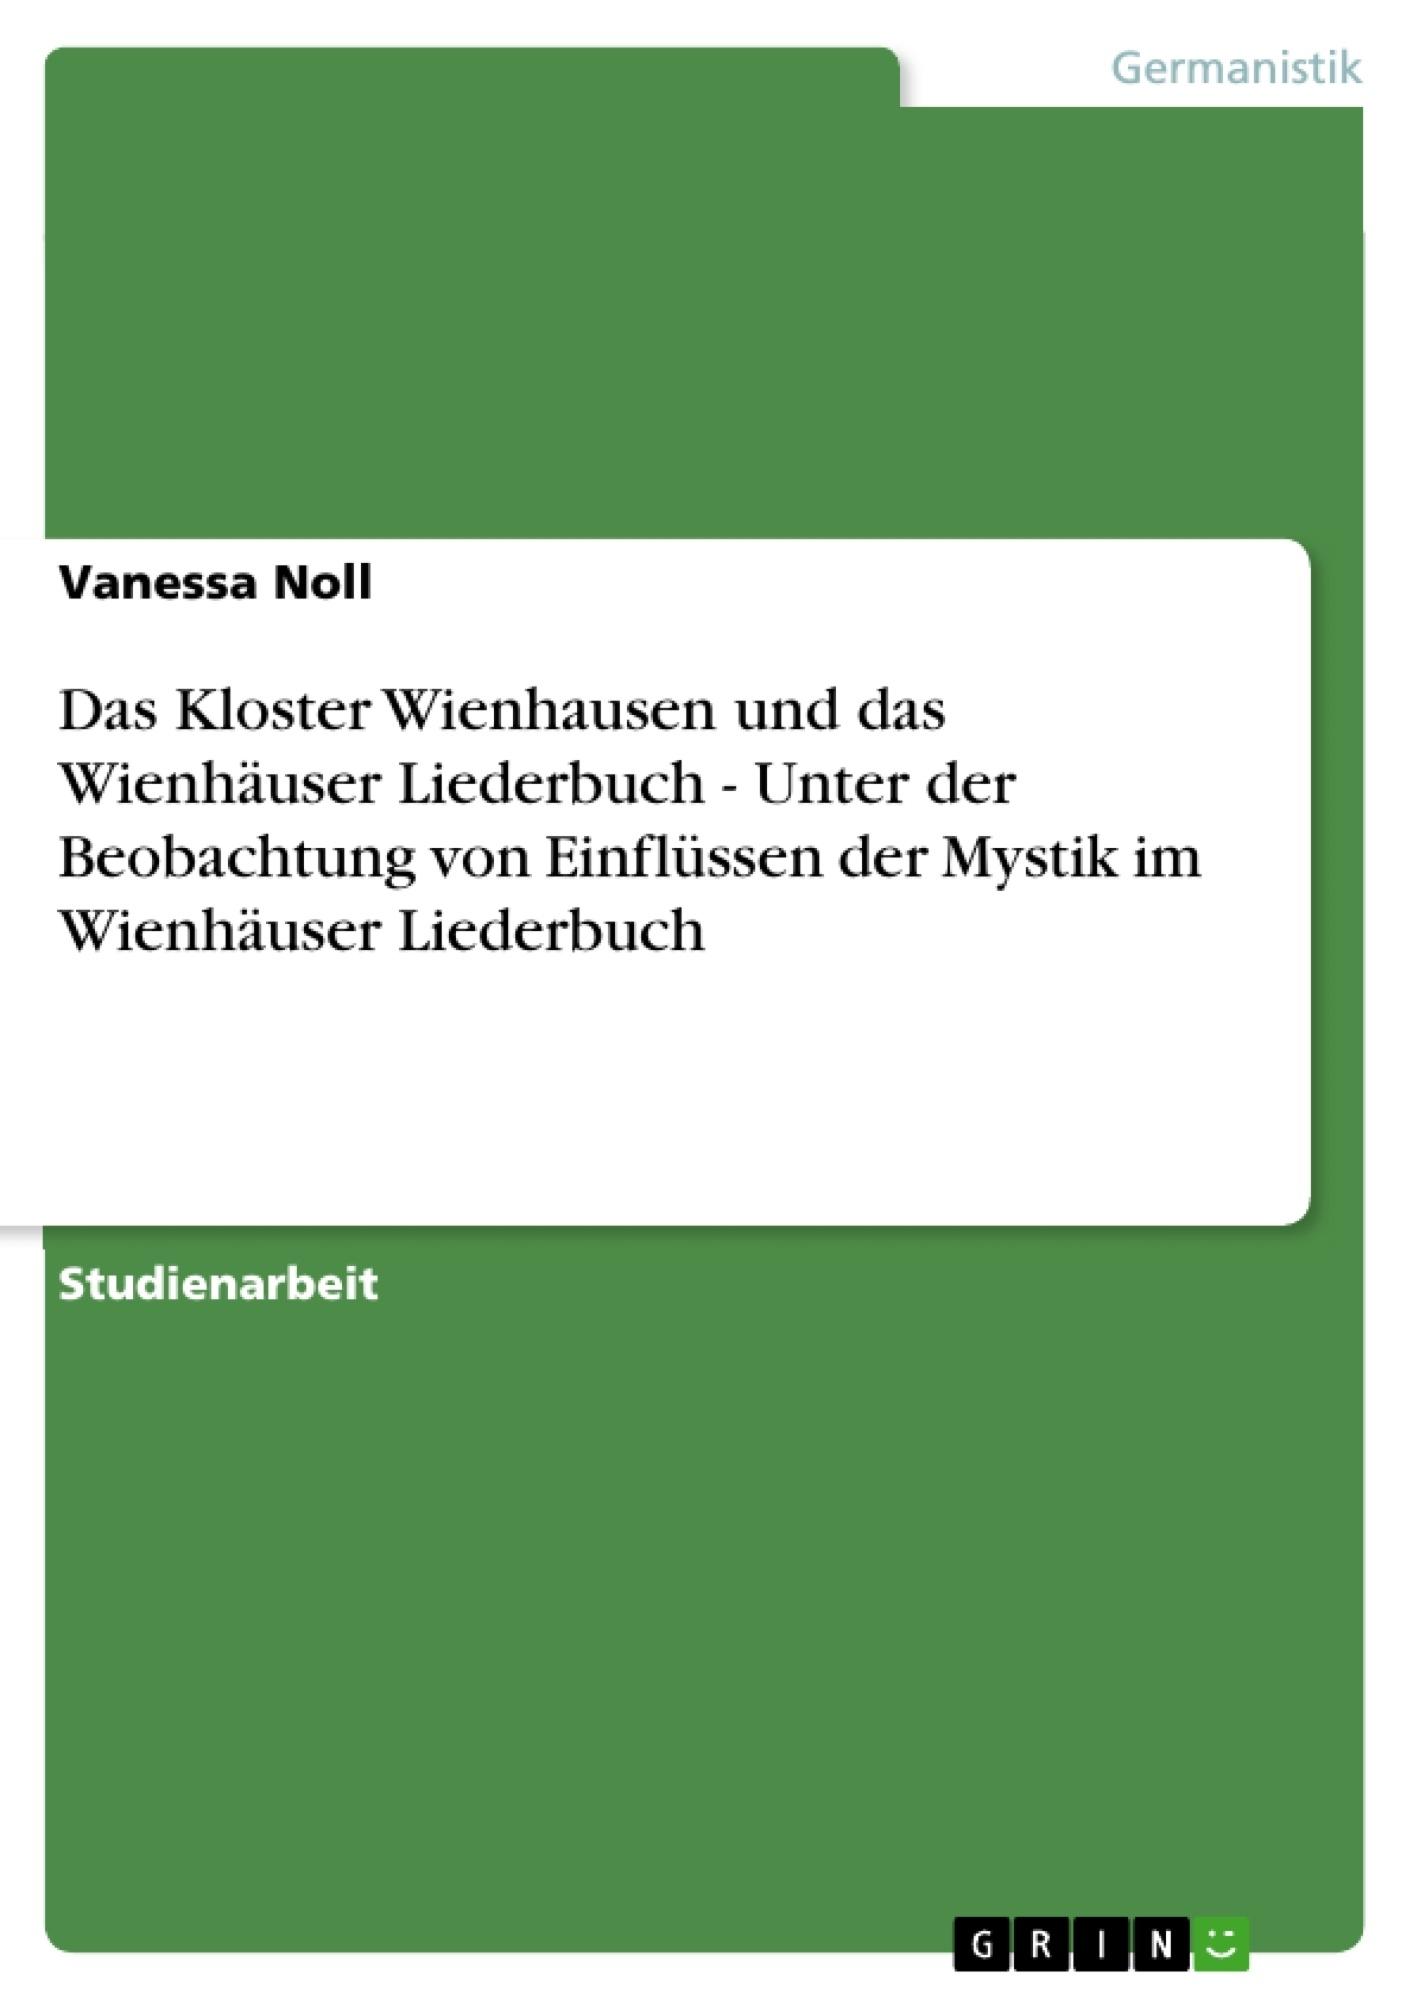 Titel: Das Kloster Wienhausen und das Wienhäuser Liederbuch - Unter der Beobachtung von Einflüssen der Mystik im Wienhäuser Liederbuch